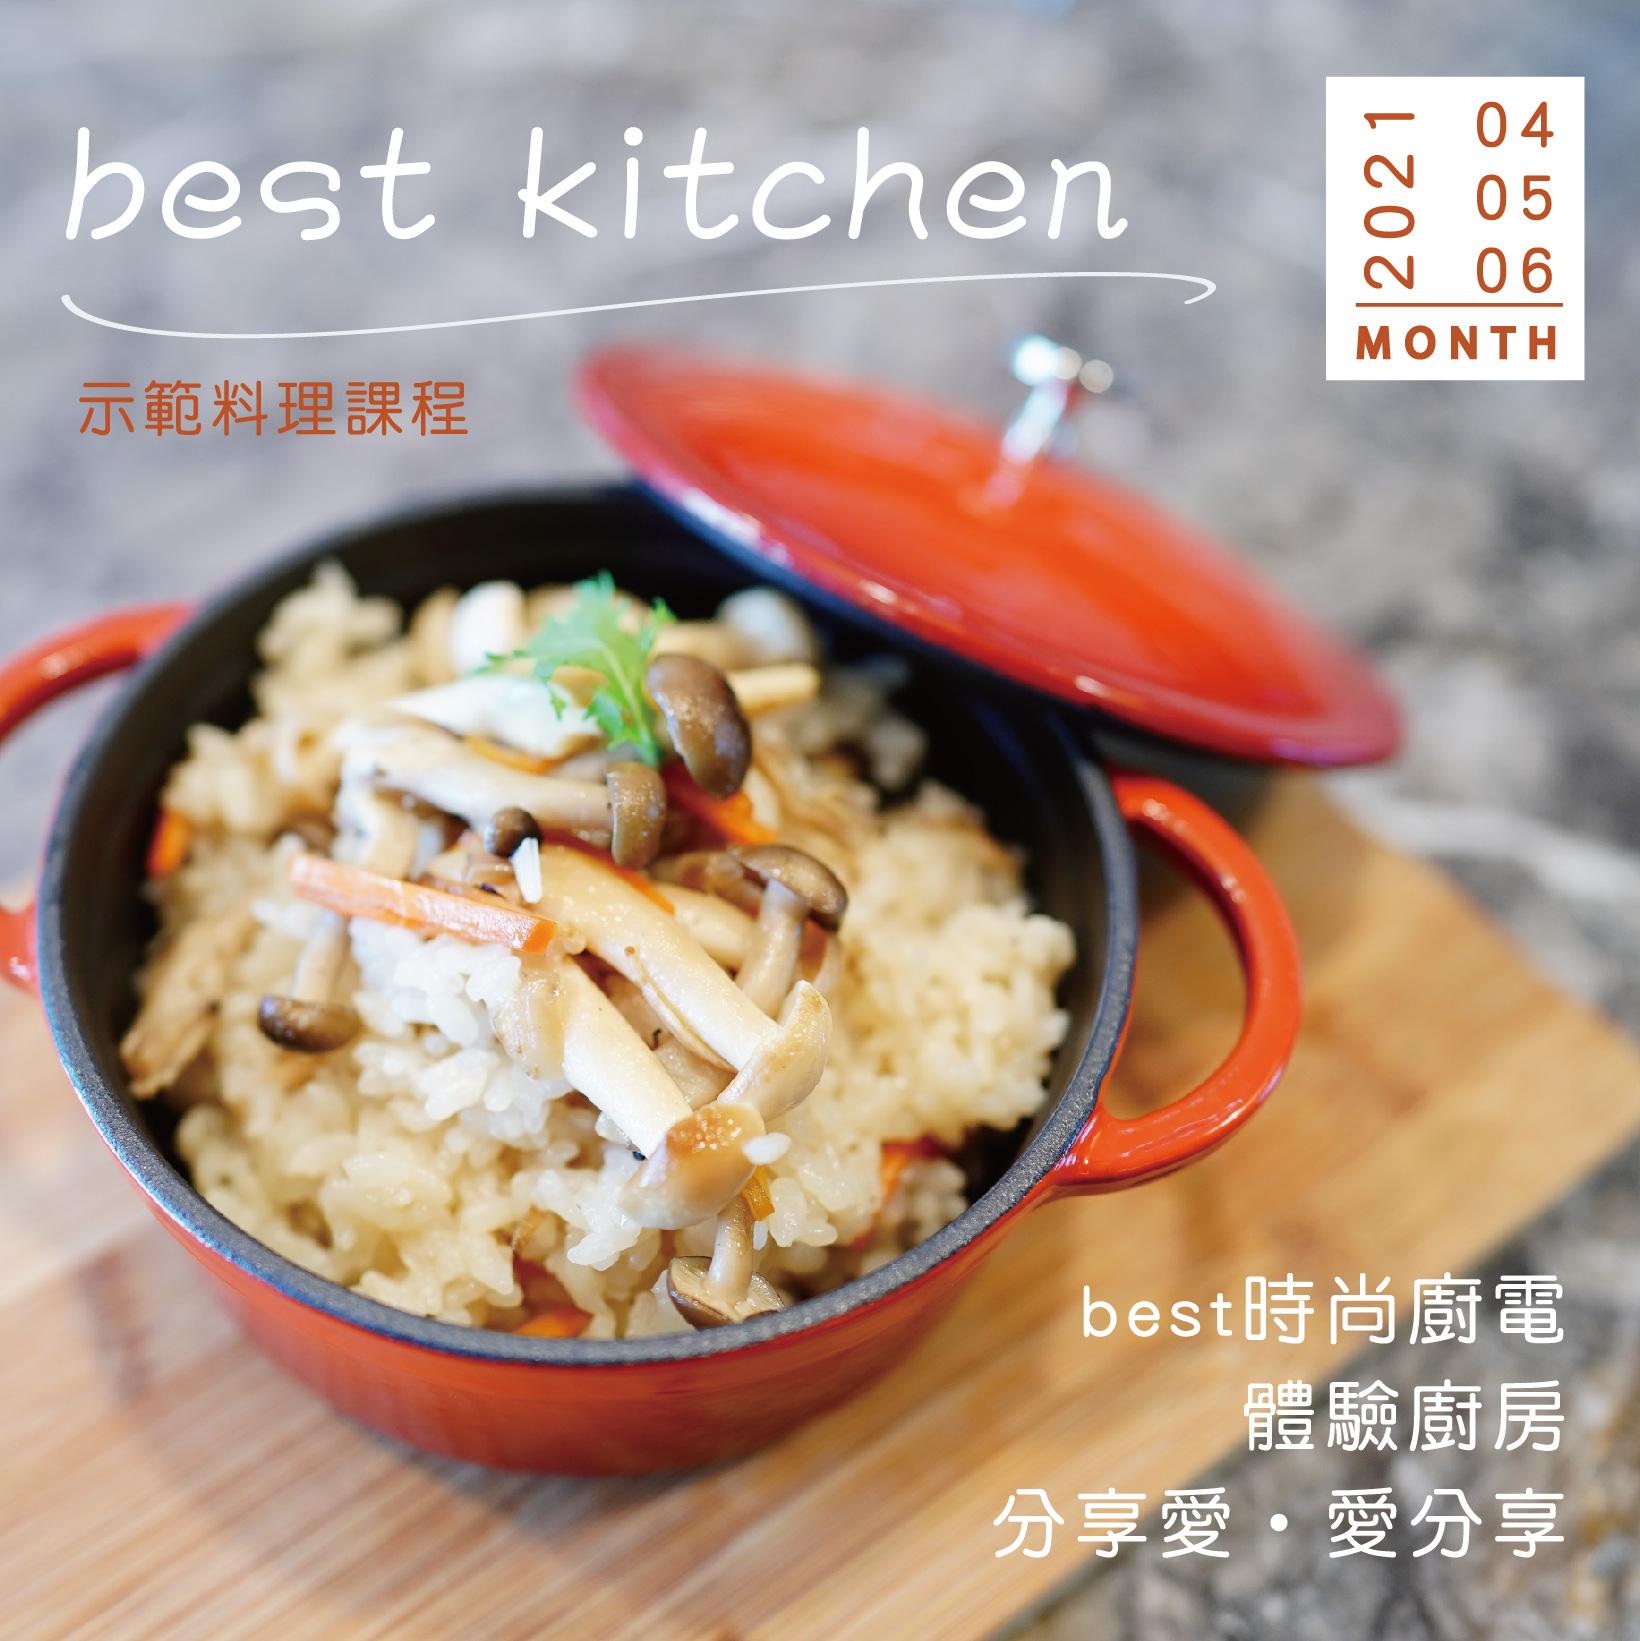 【Best kitchen】110年4-6月料理課程,歡迎報名!